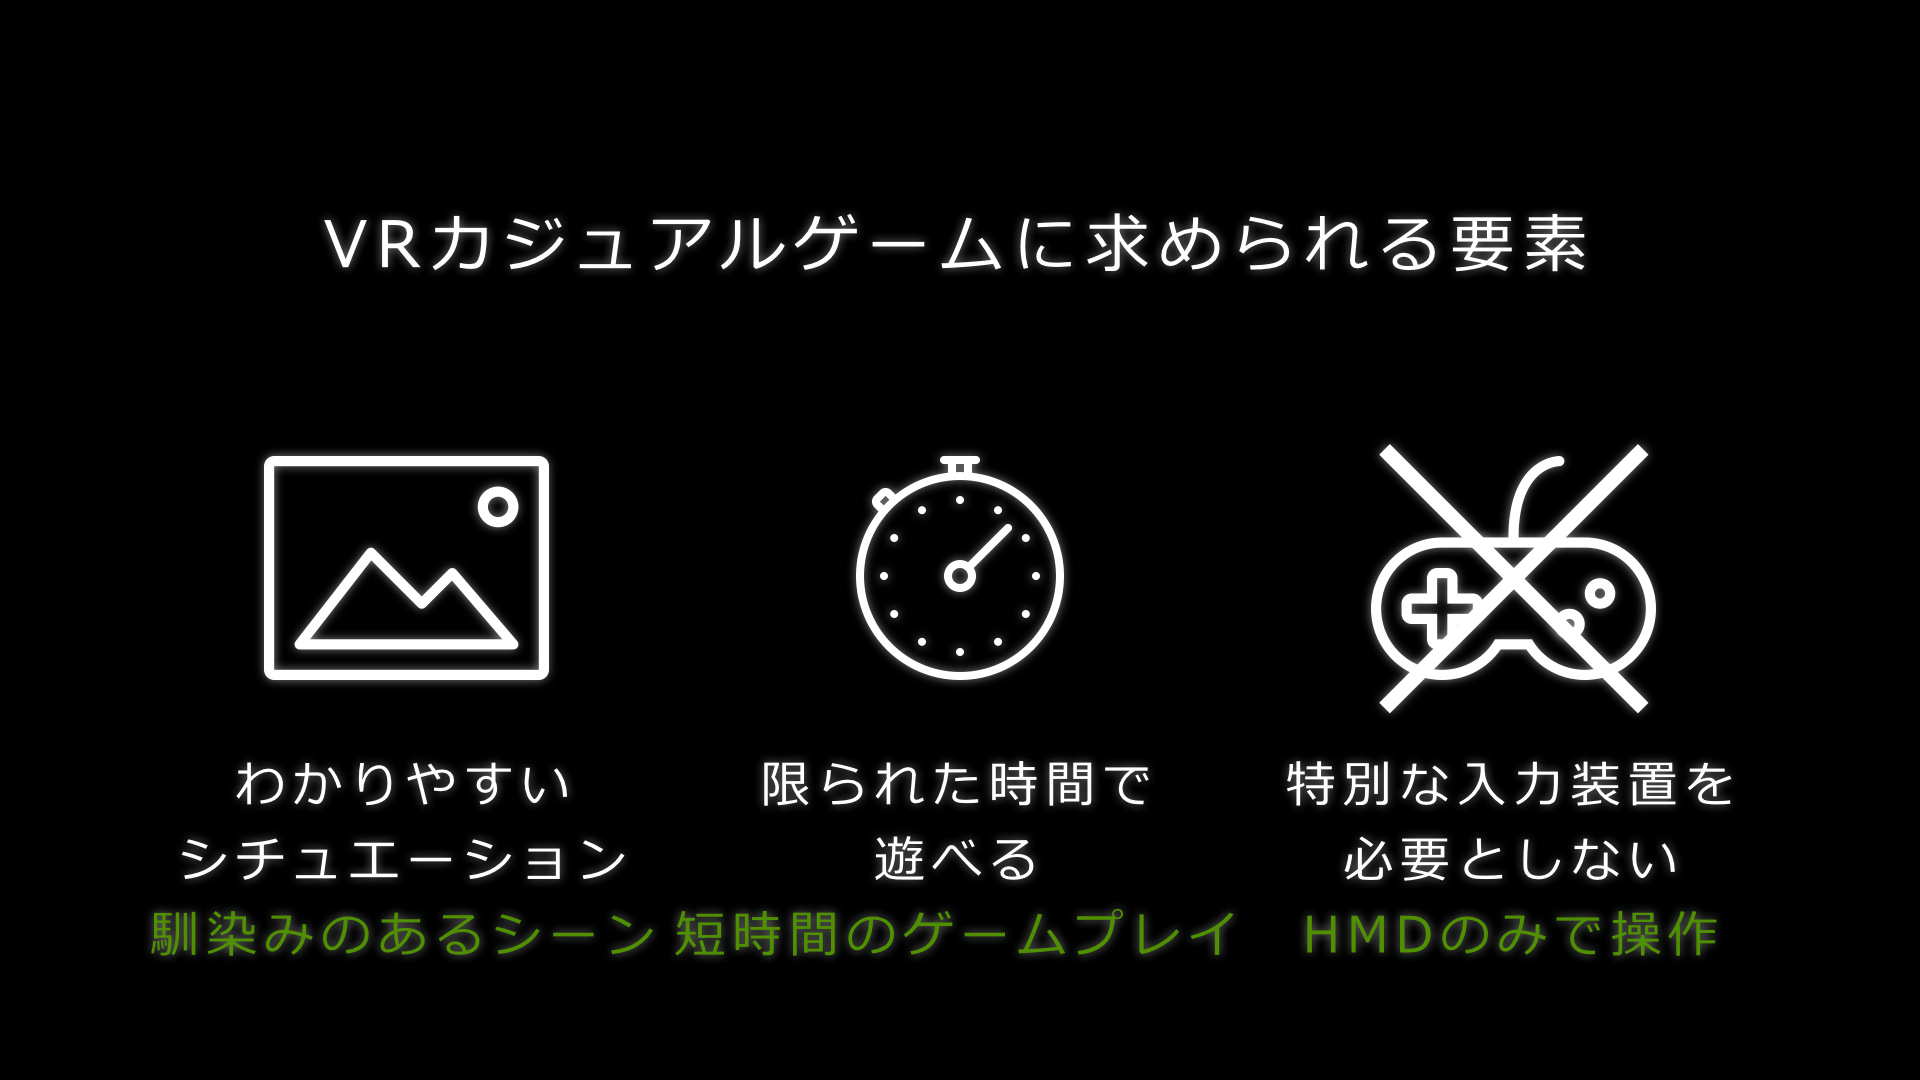 VRカジュアルゲームに求められる要素 わかりやすい シチュエーション→馴染みのあるシーン 限られた時間で 遊べる→短時間のゲームプレイ 特別な入力装置を 必要としない→HMDのみで操作